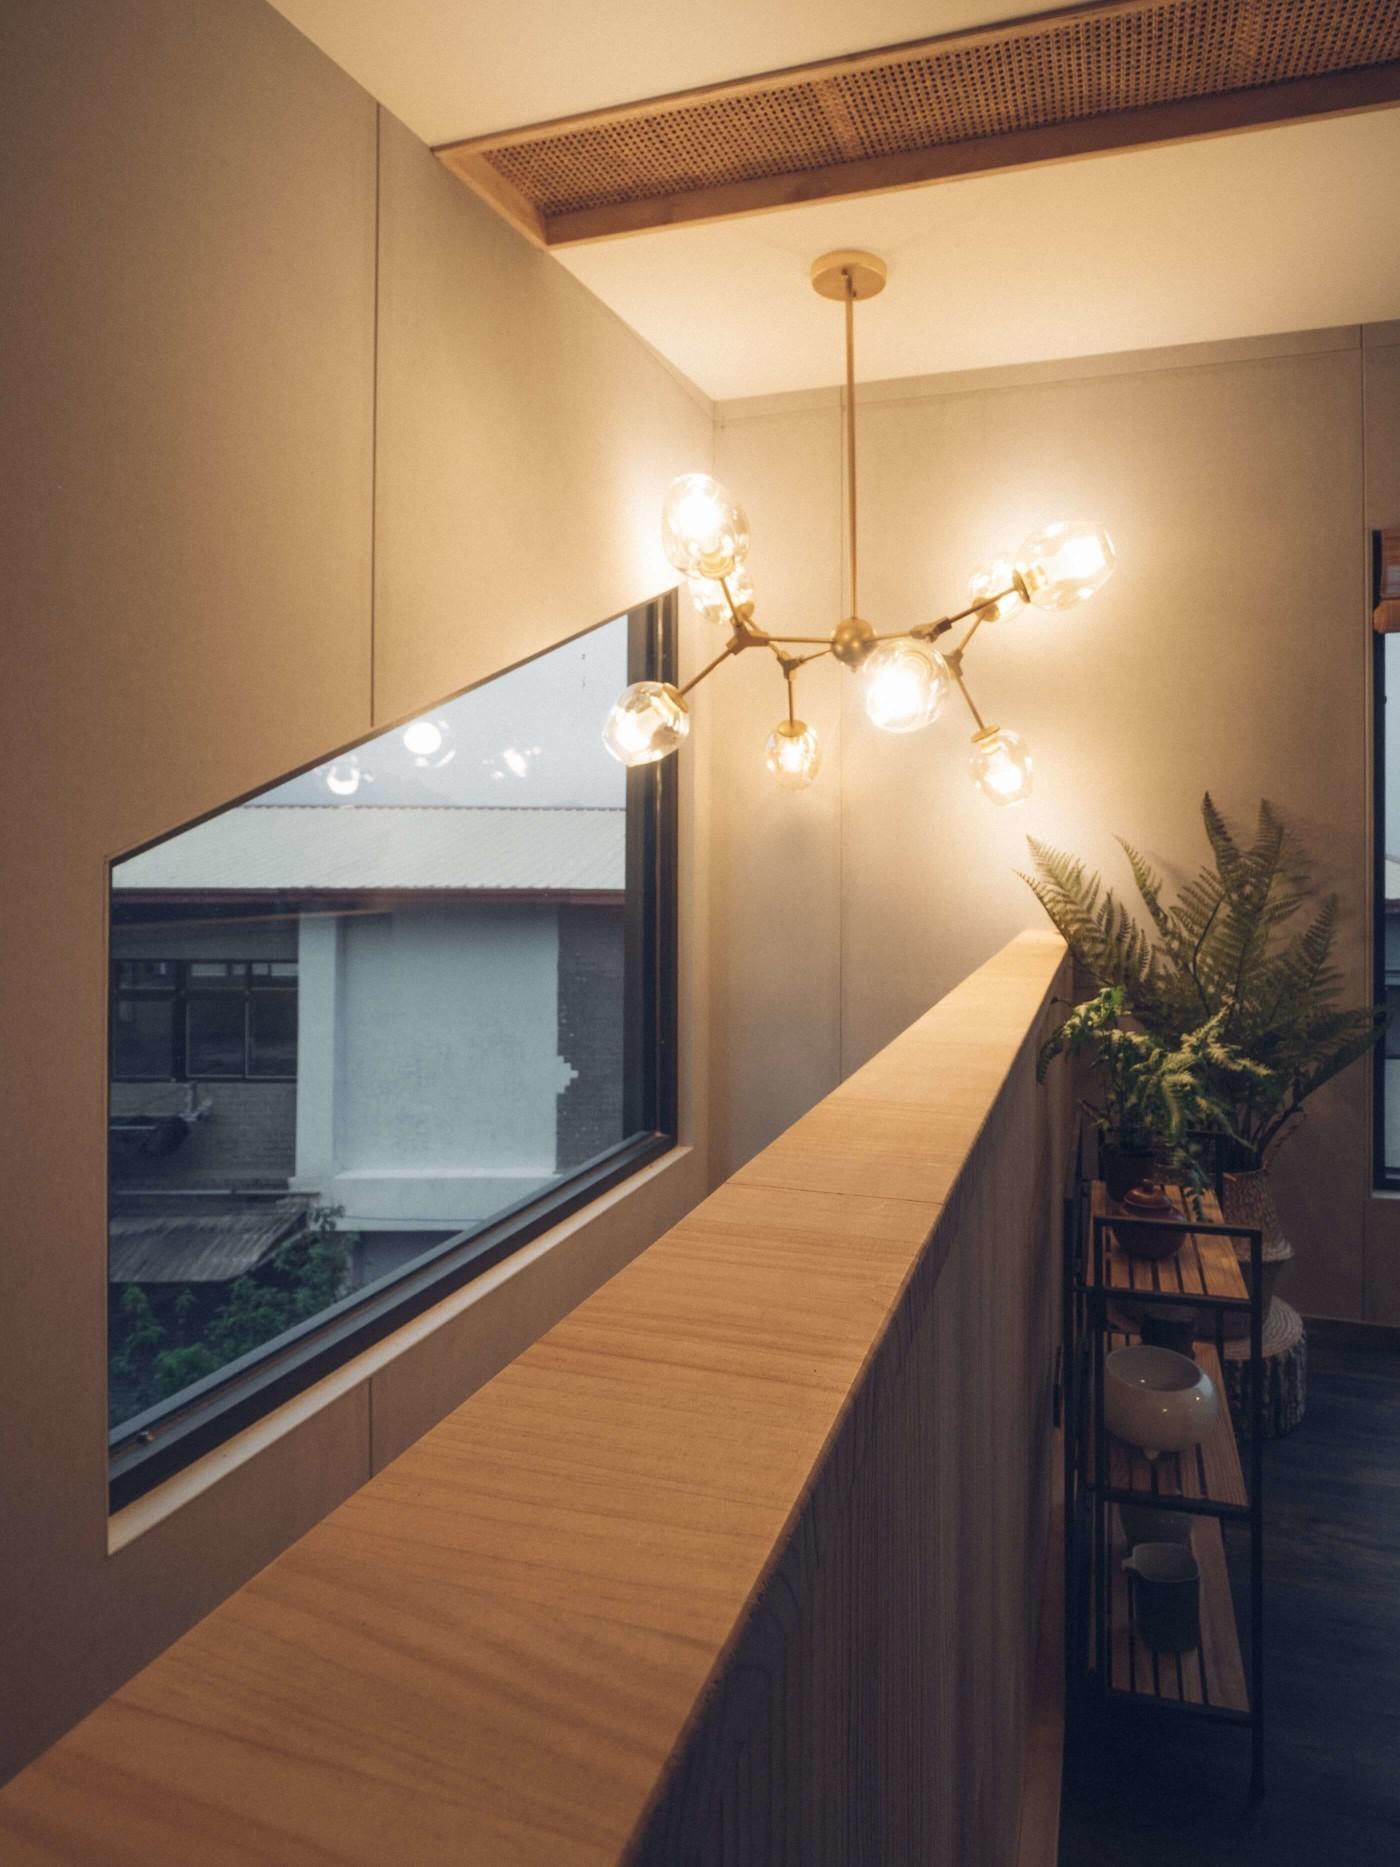 阿里山樟樹湖山角鐵茶屋樓梯空間照明設計